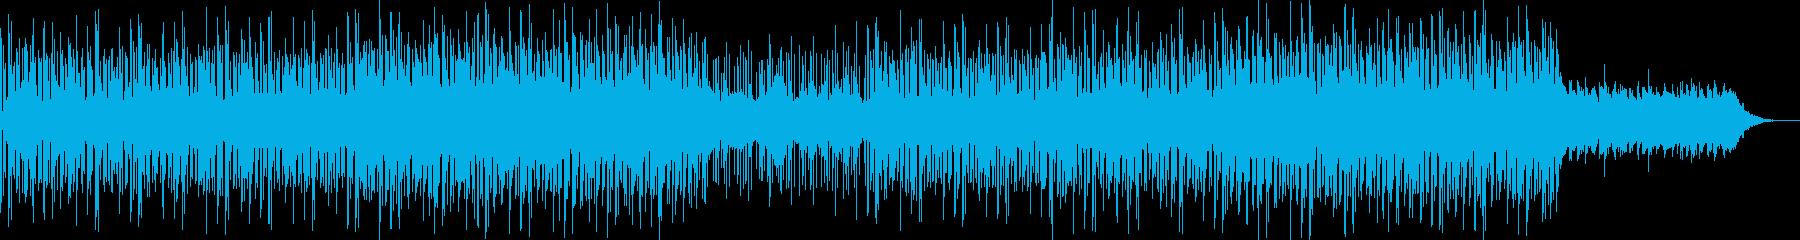 ニュース映像ナレーションバック向け-06の再生済みの波形